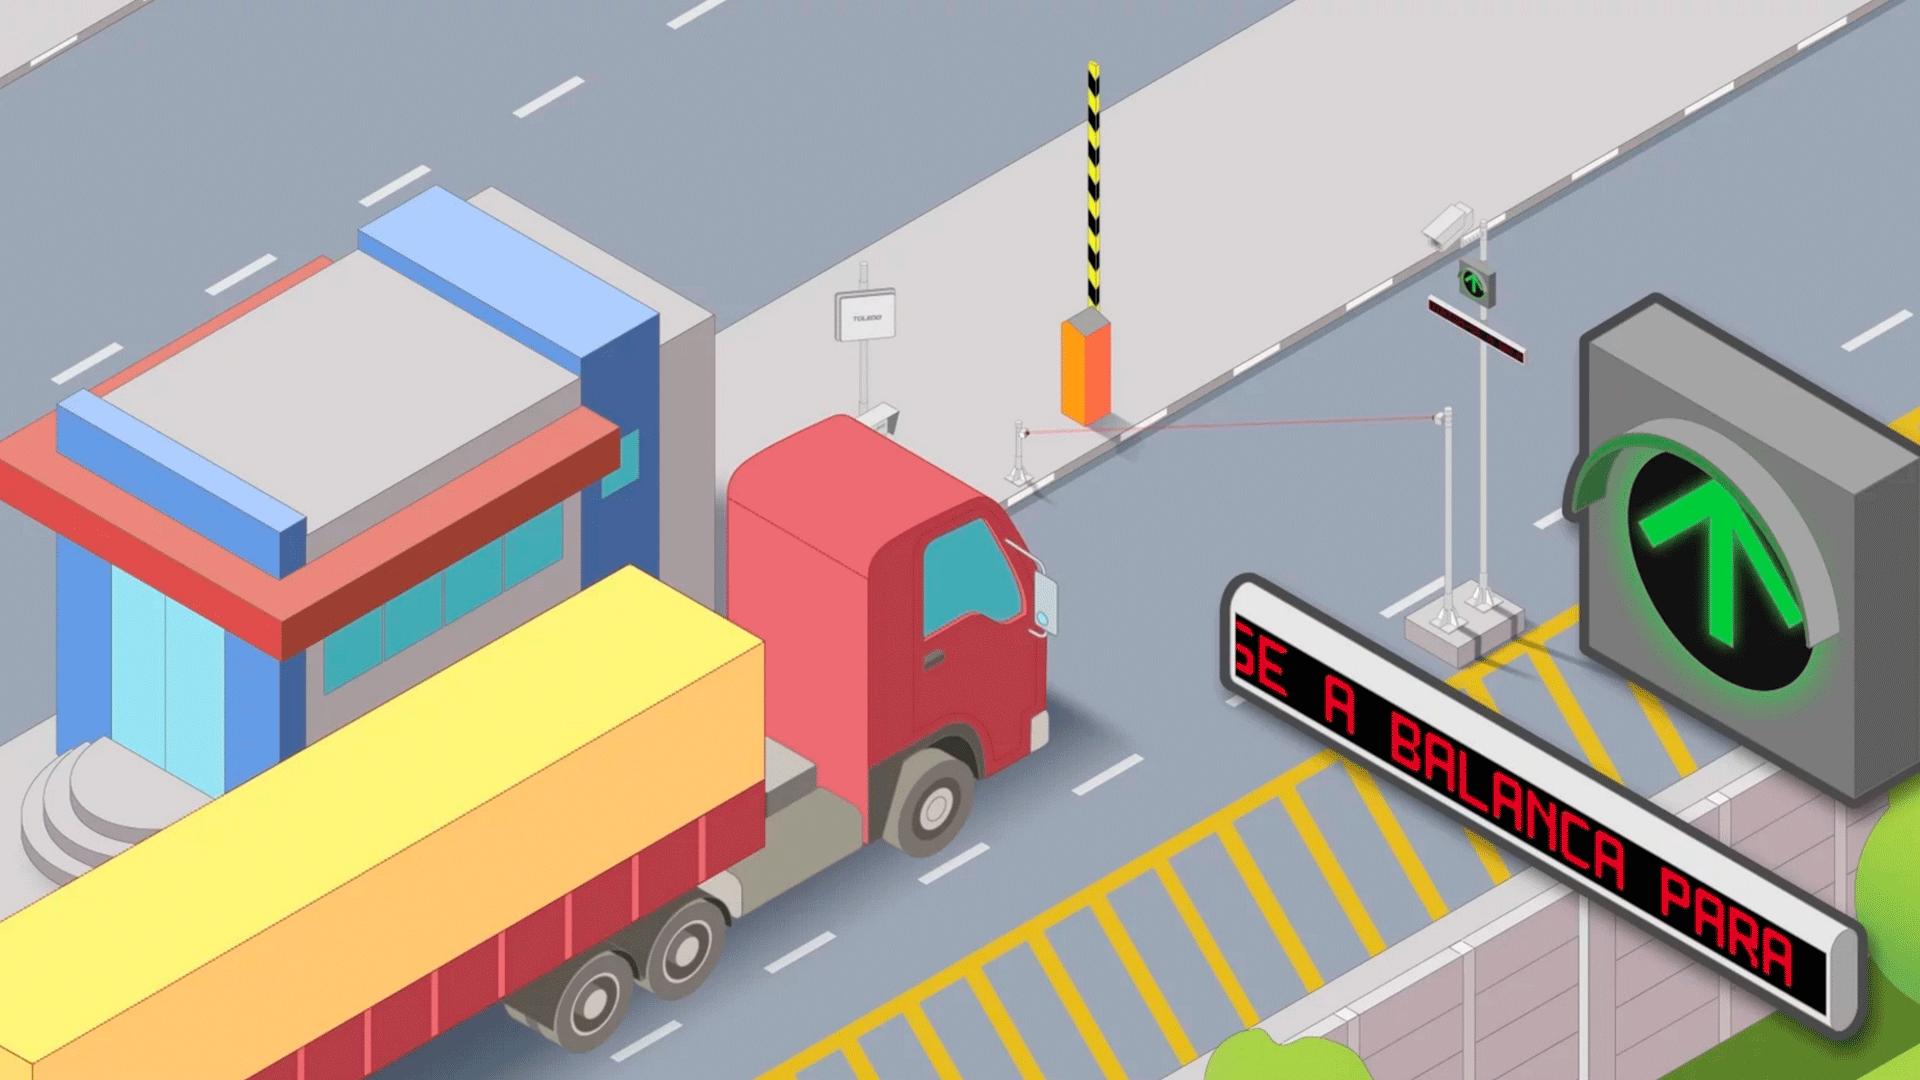 Guardian - Sistema de gerenciamento de pesagem e automação